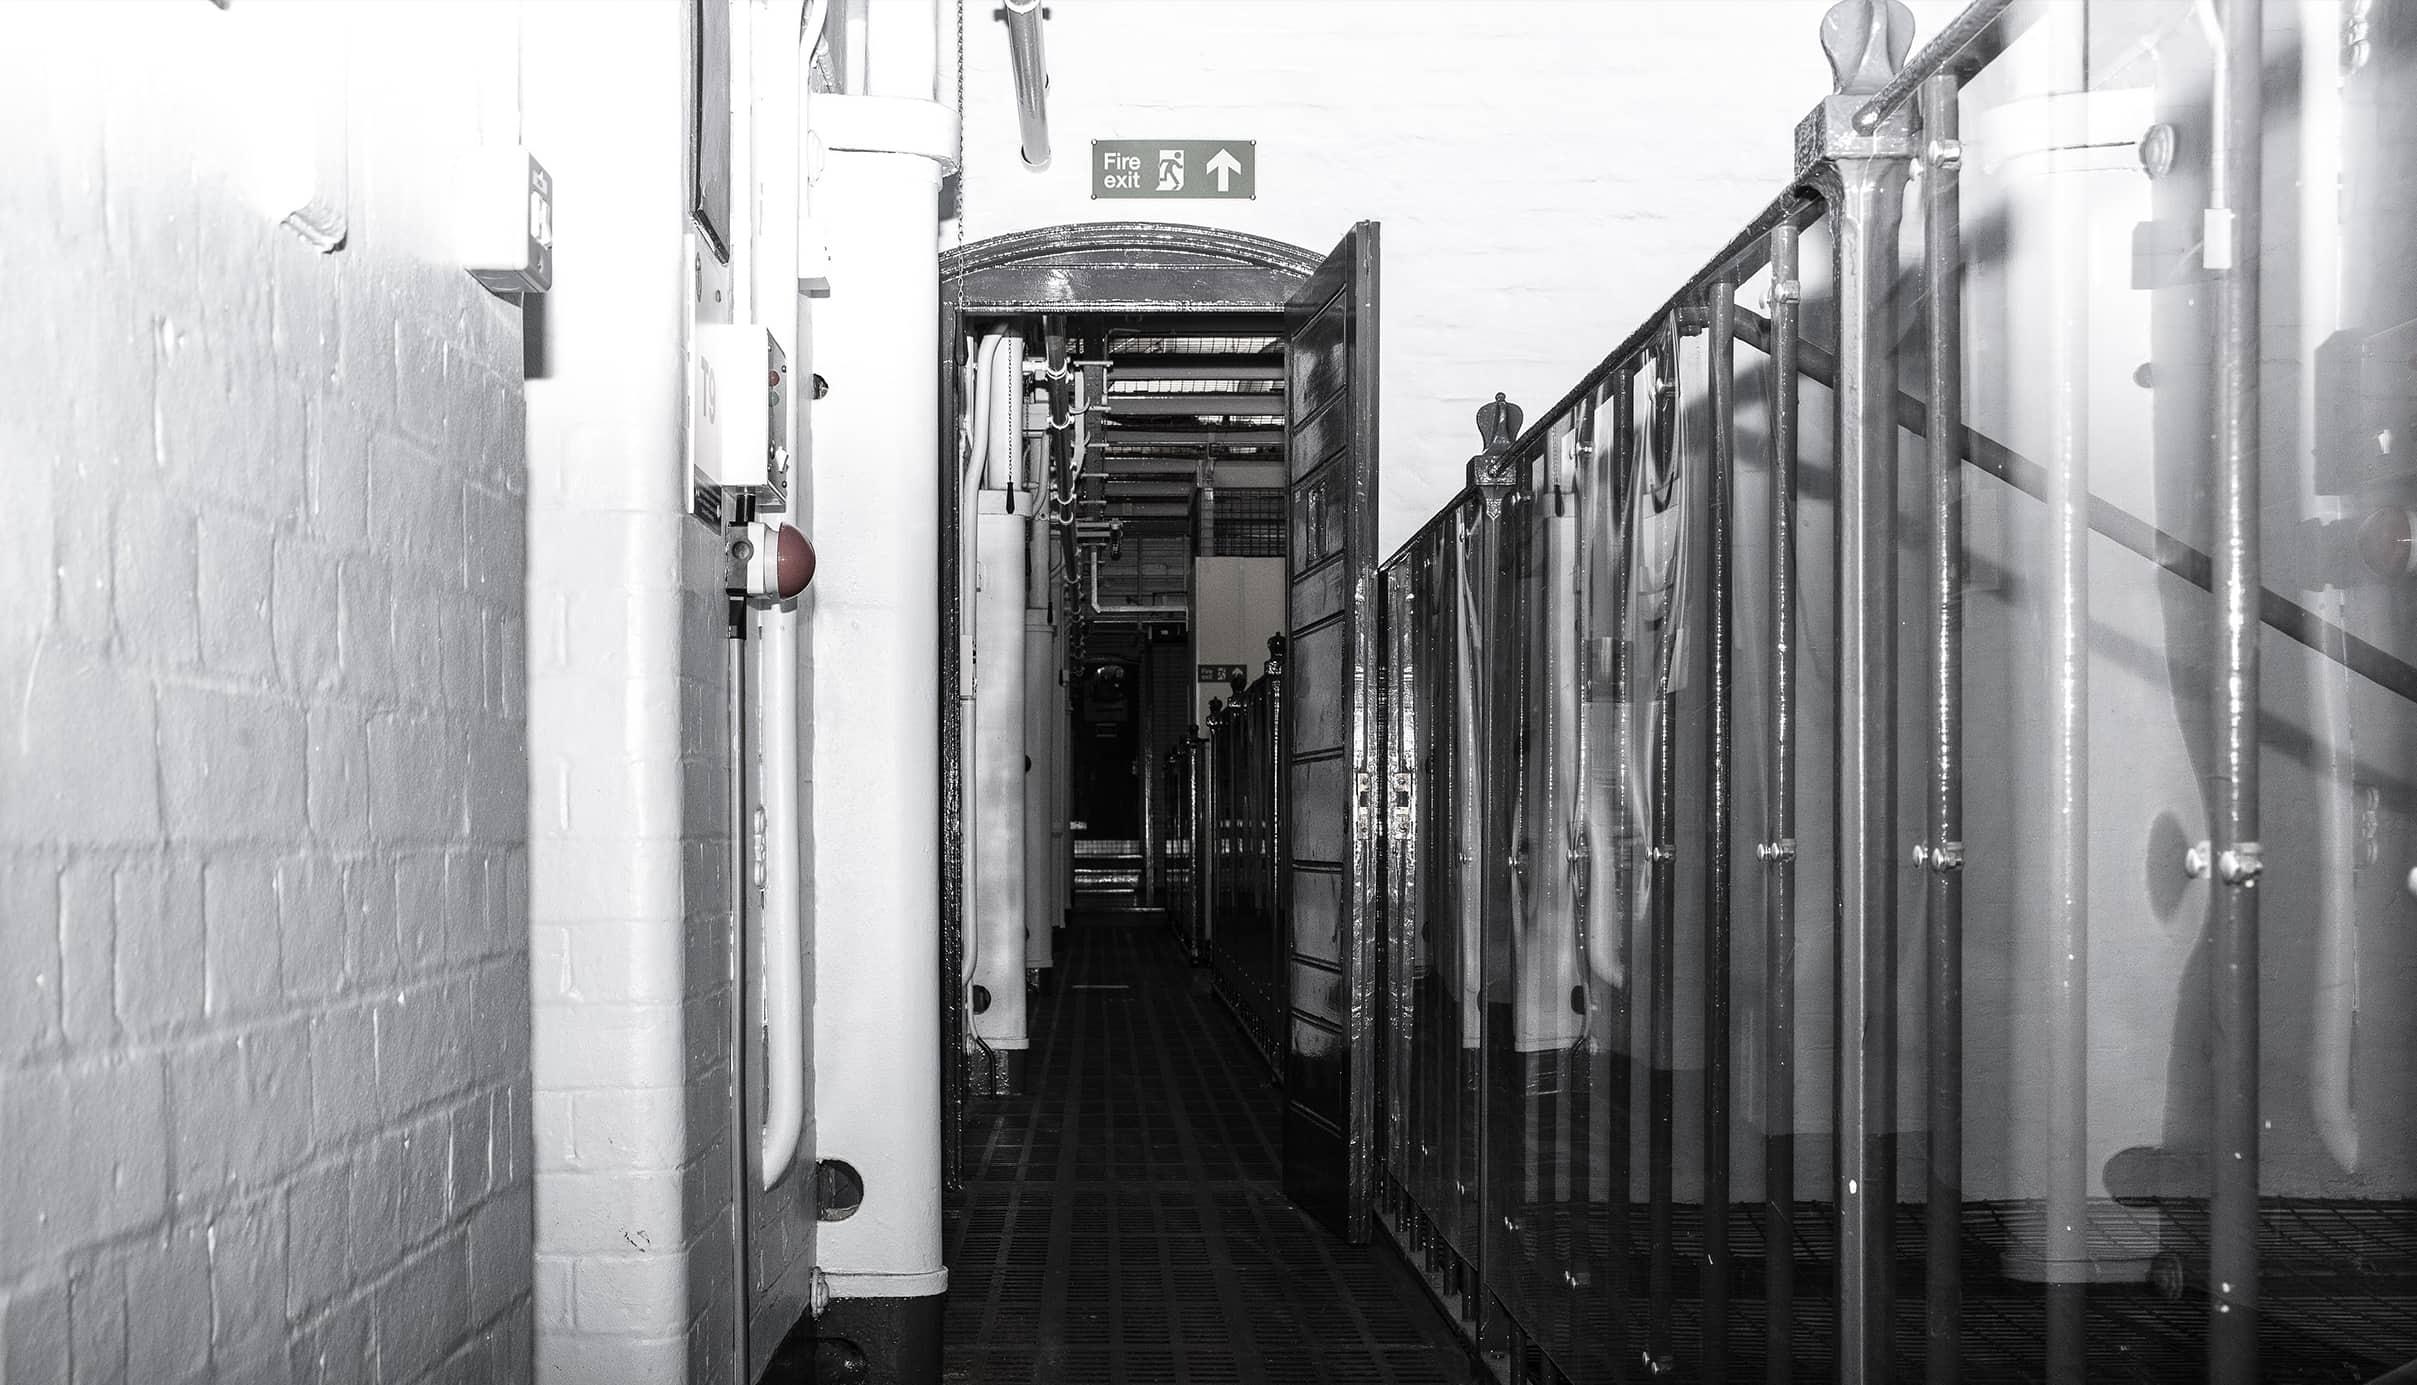 lock-up-1160x665